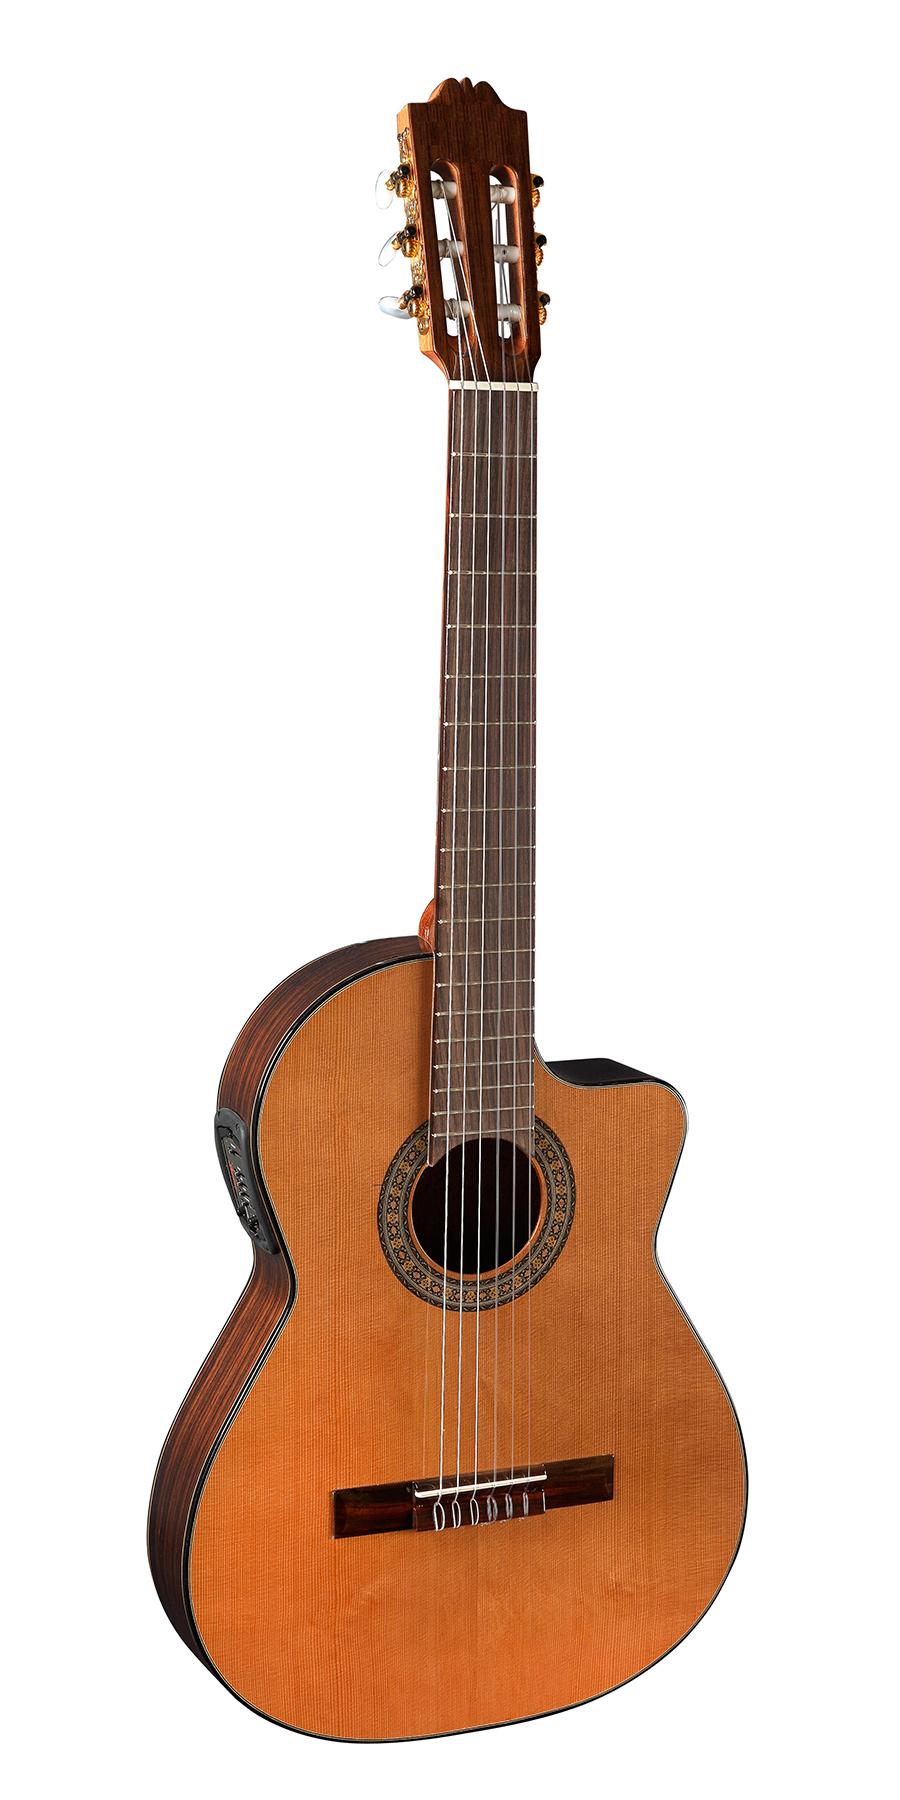 Alvaro №260EC классическая гитара с вырезом